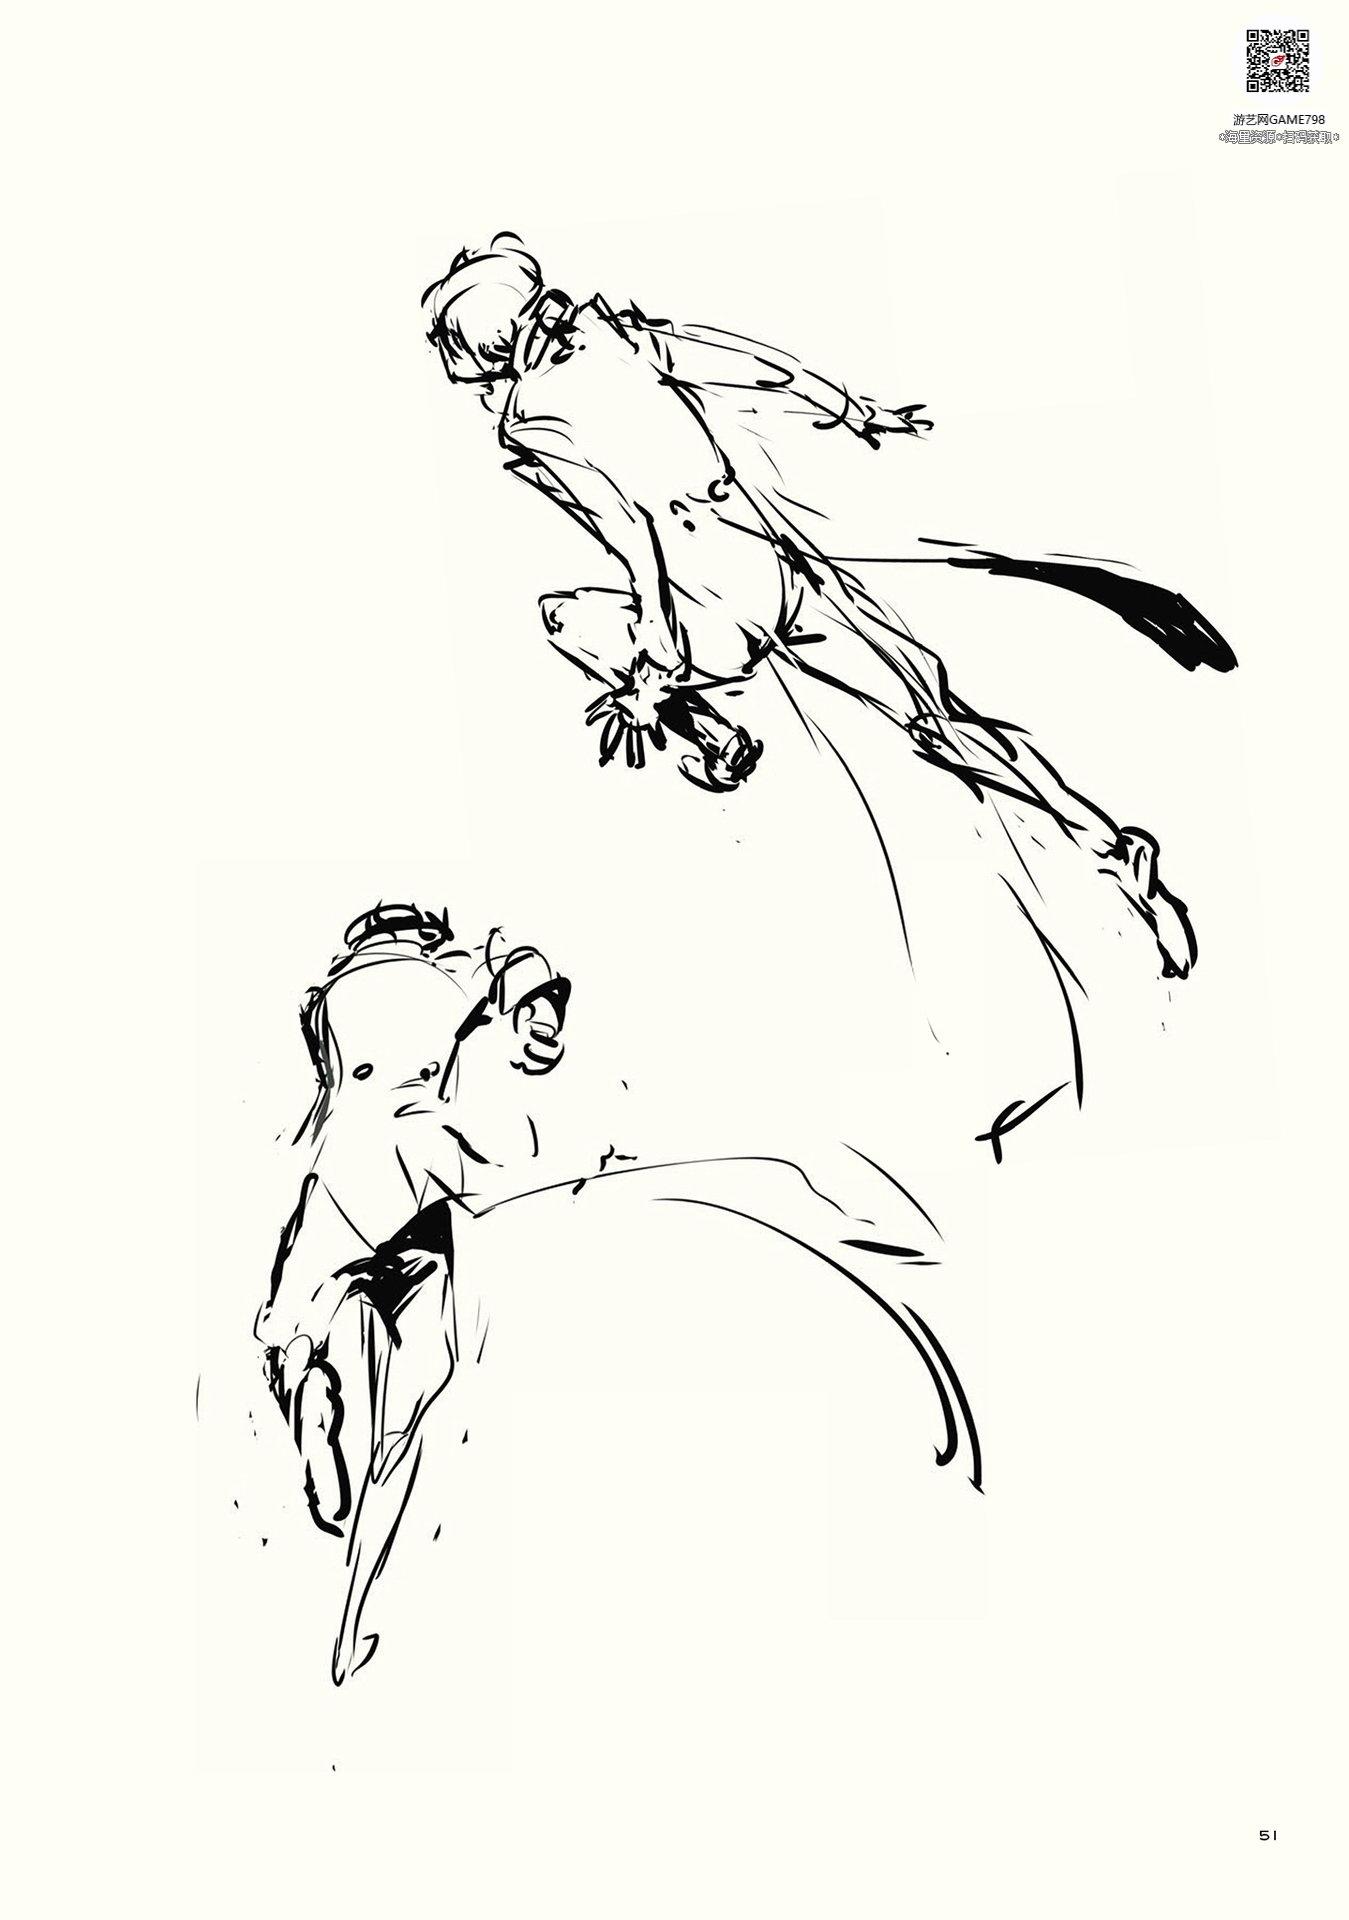 026_关注游艺网公众号获海量资源_日式游戏风格设定女神异闻录5二次元角色设定.jpeg